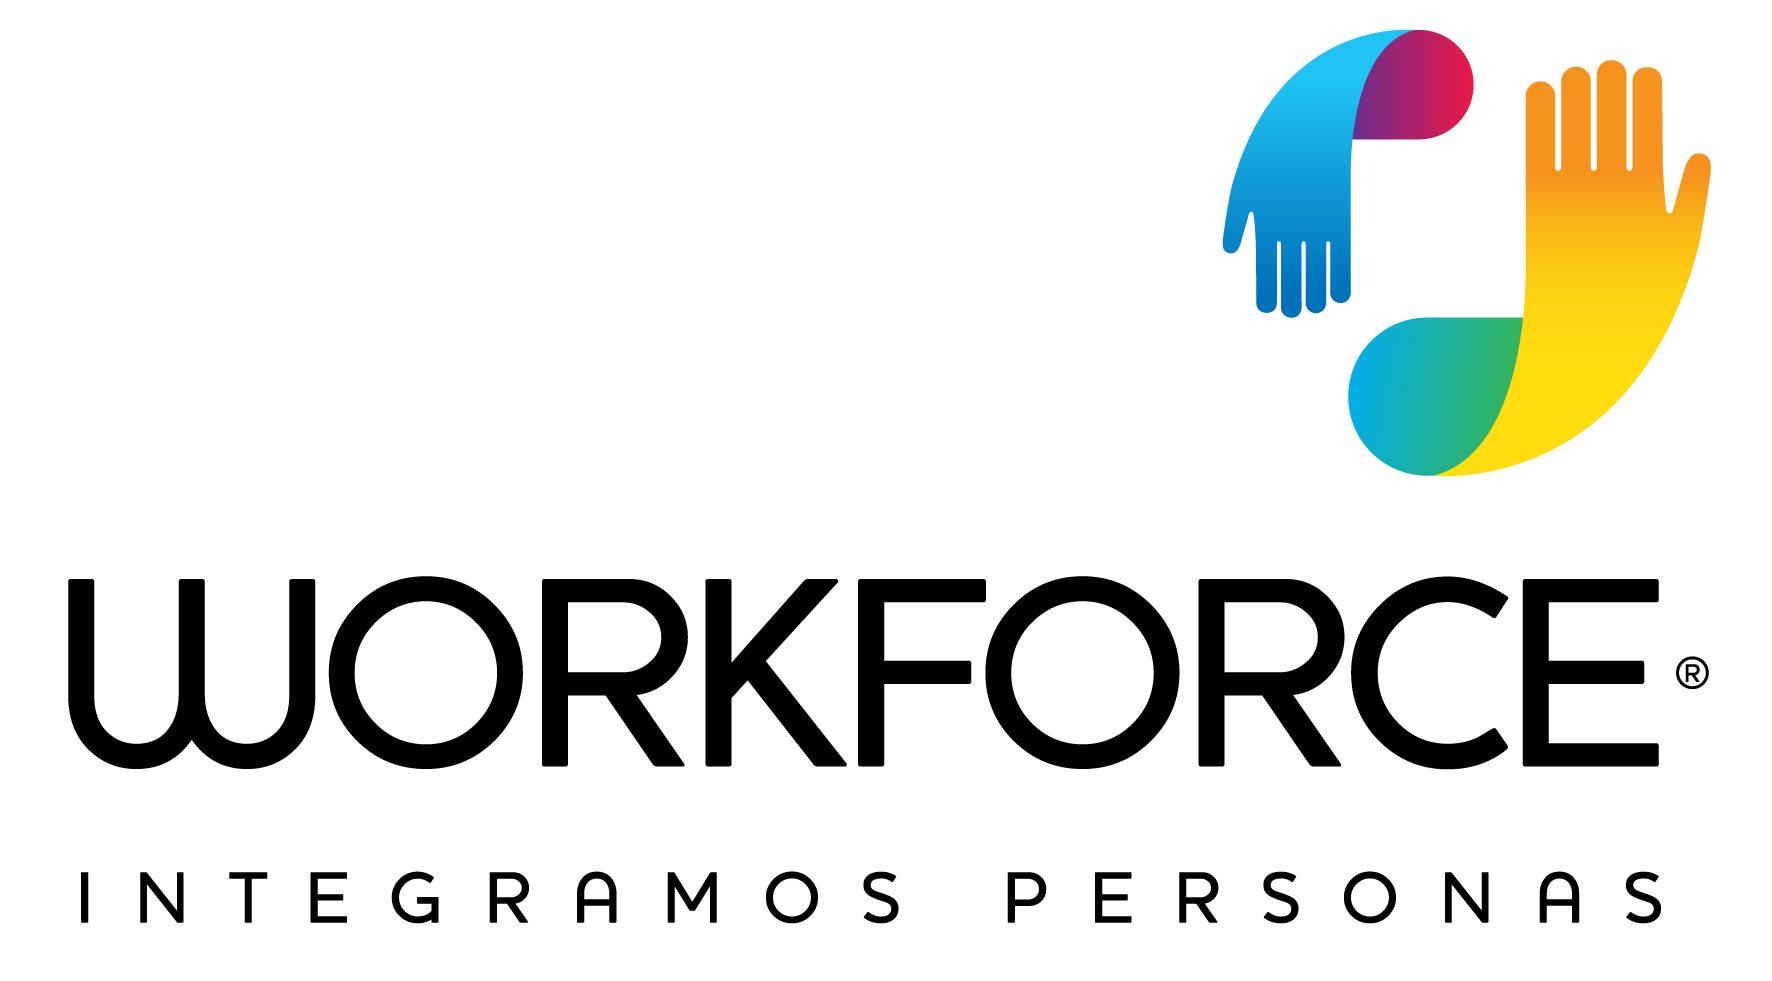 Encuentra Ofertas de empleo - Ofertas de trabajo en DF CDMX. En nuestro nuevo sitio web puedes hacer búsquedas, comparaciones, explorar fotos y encontrar lo que buscas rápidamente.